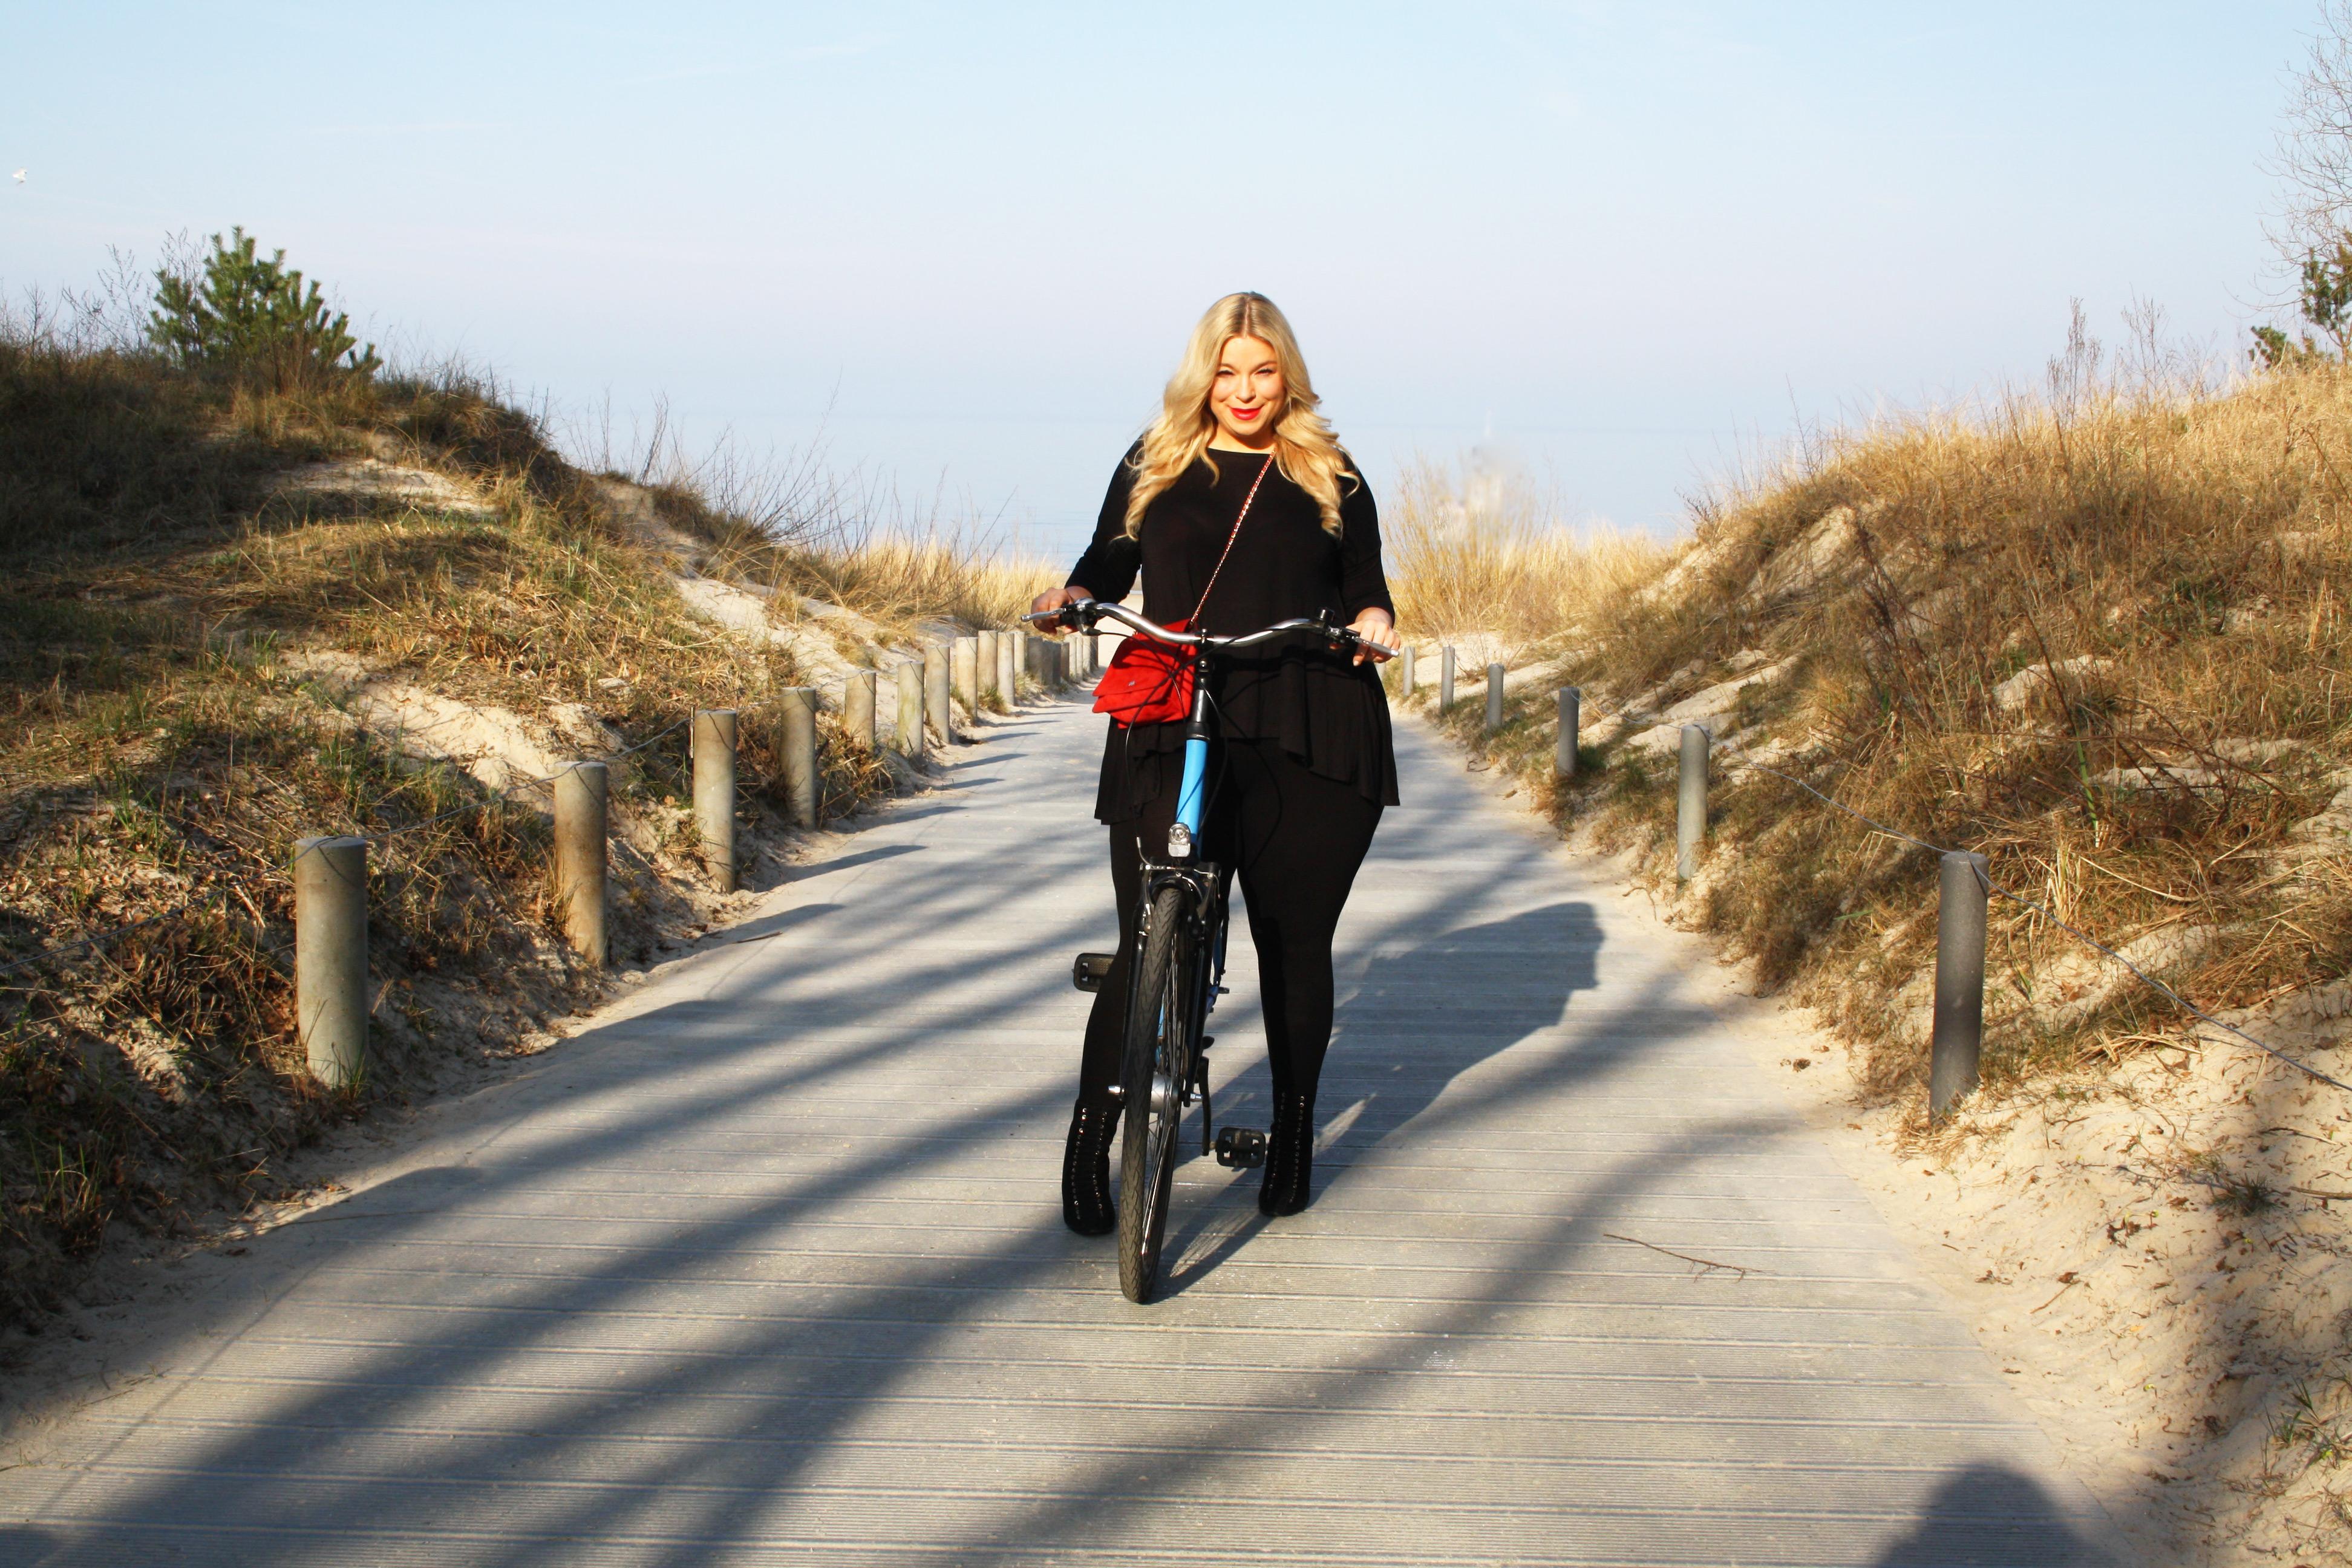 Morgenroutine-Megabambi-Blog-Caterina-Pogorzelski-Radfahren